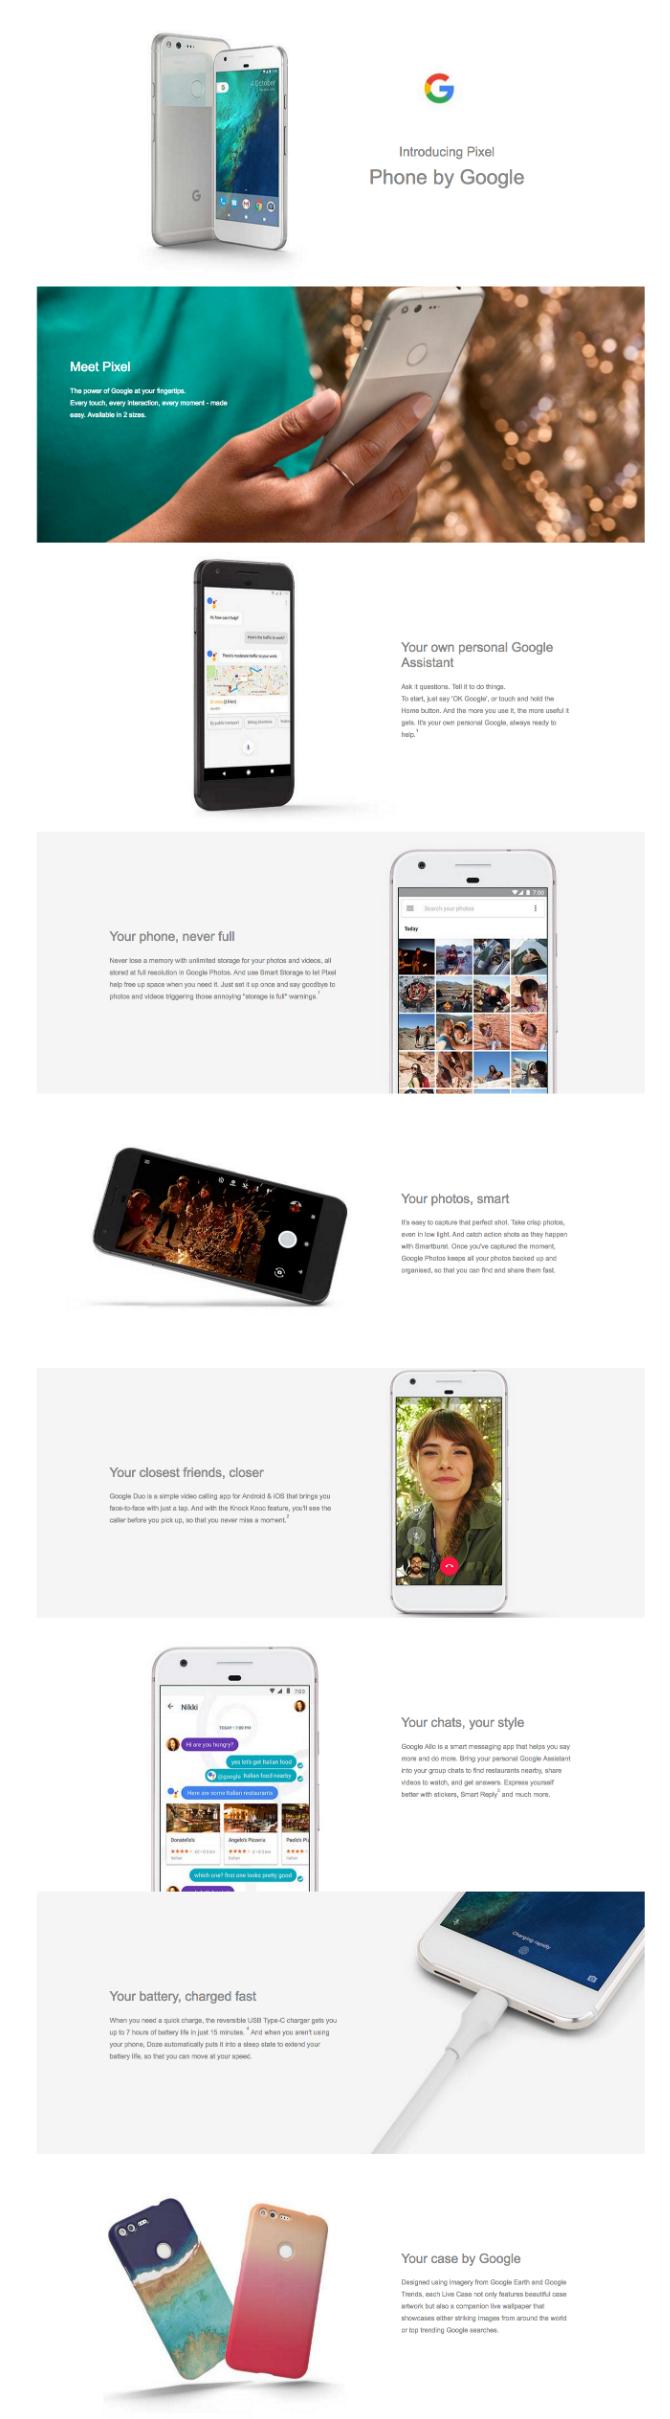 google-pixel-smartphone-2